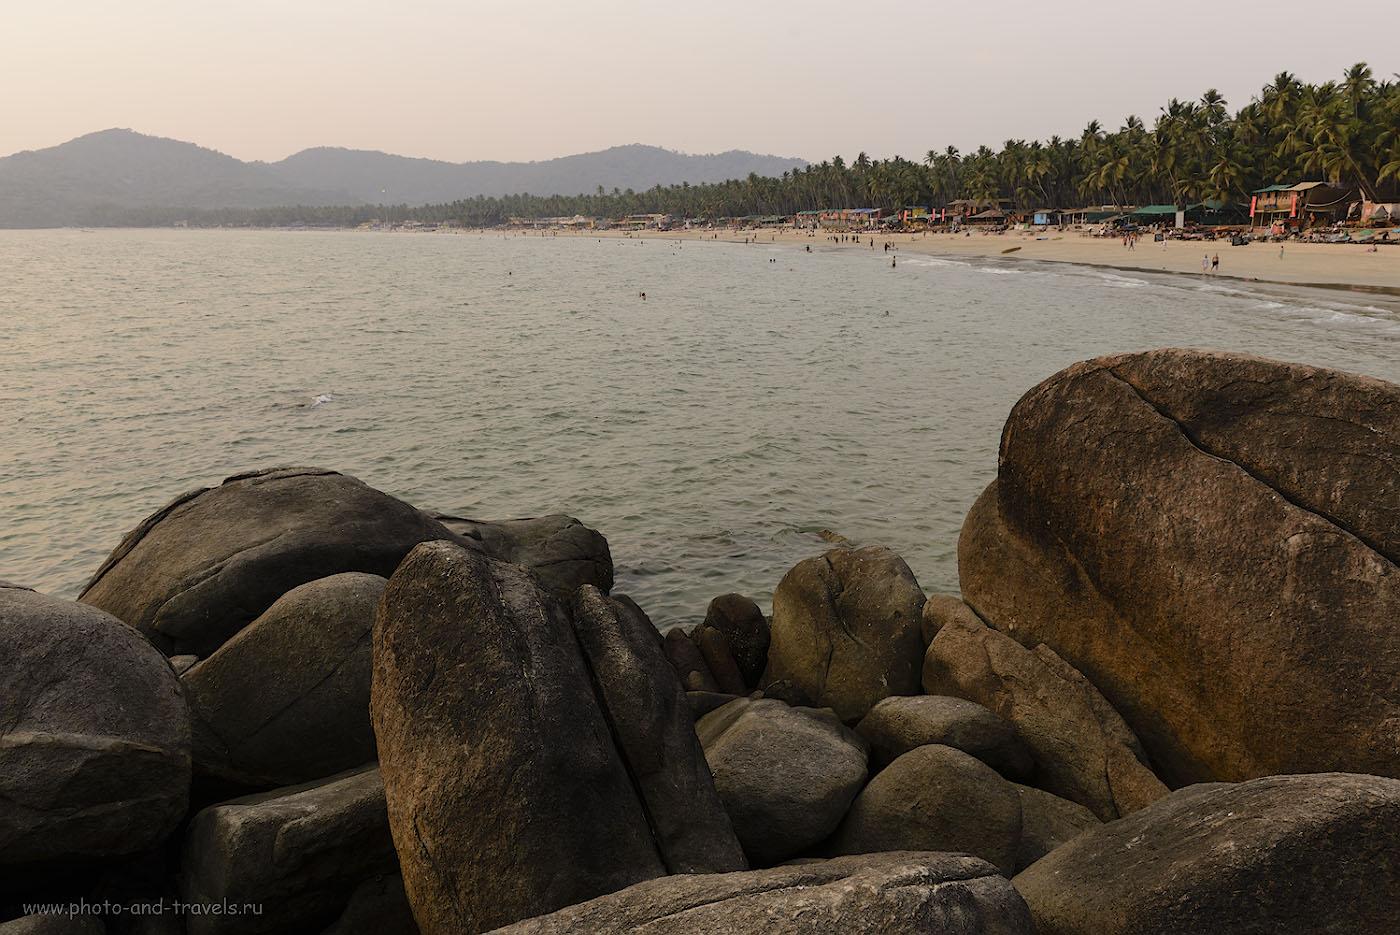 Фотография 6. Вид на пляж Палолем вечером. Снято с южной части, обозначенной на карте надписью «Камни». 1/50, -0.67, 8.0, 150, 24.